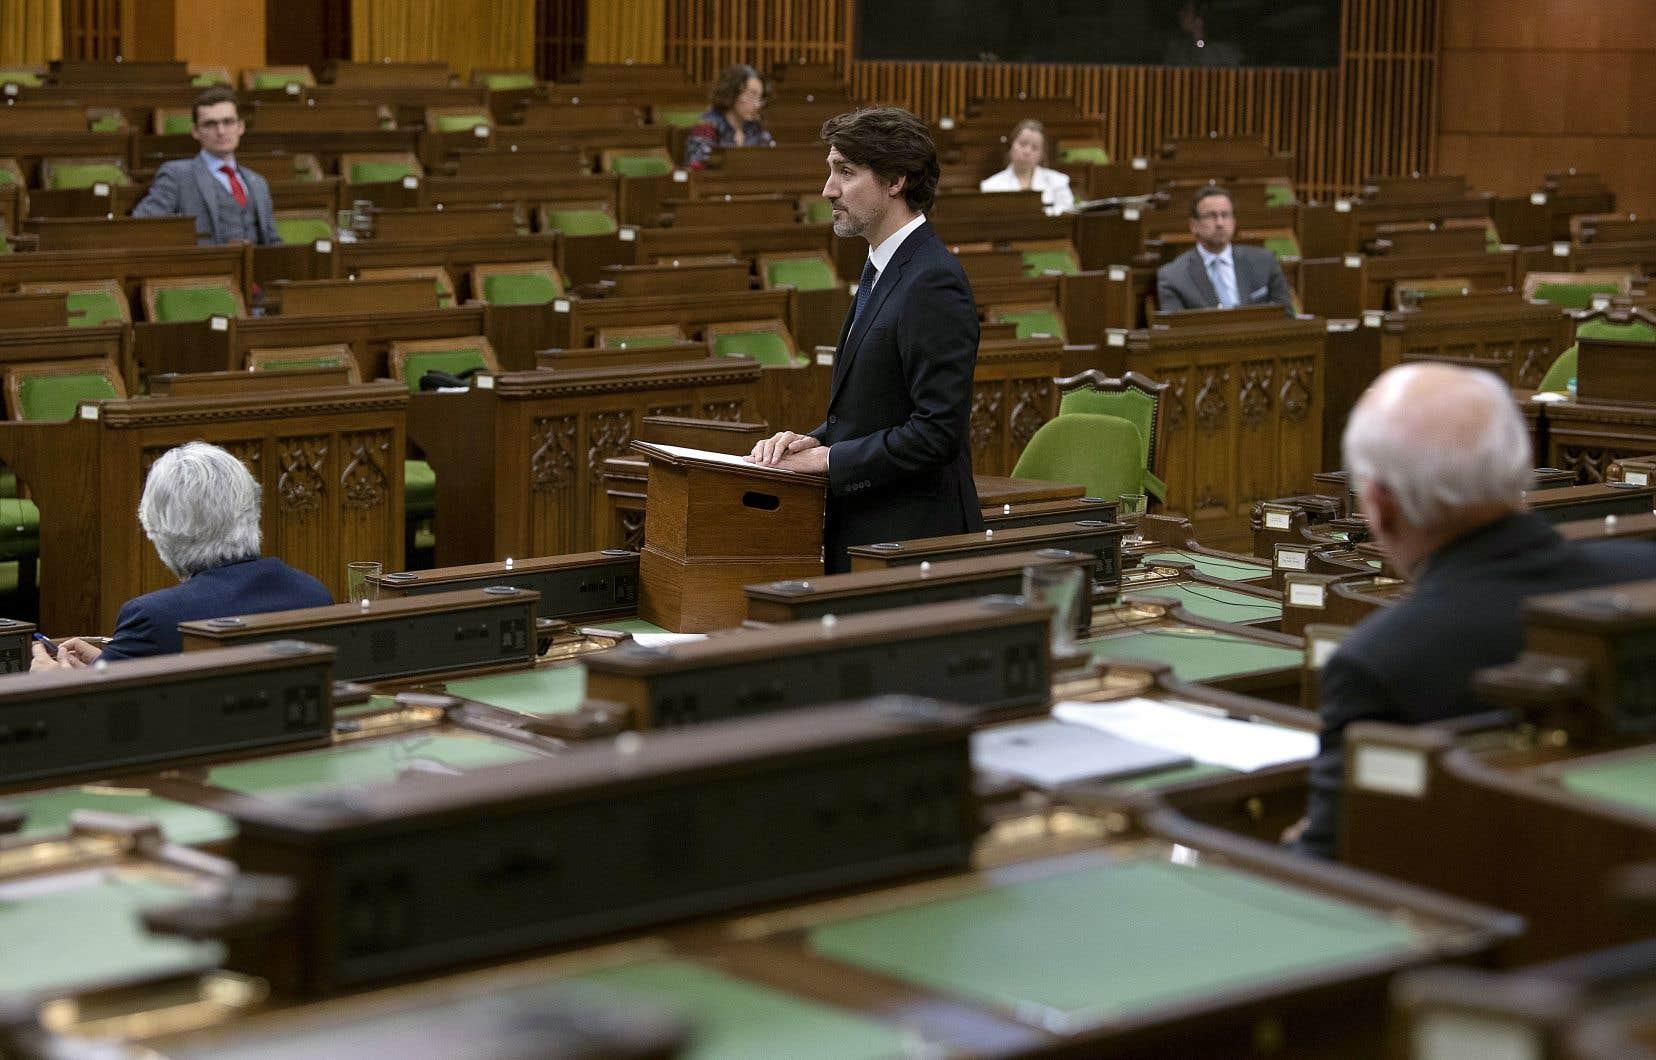 Le premier ministre, Justin Trudeau, a rendu hommage aux victimes de la tuerie en Nouvelle-Écosse devant des banquettes presque vides, lundi, à la Chambres des communes.